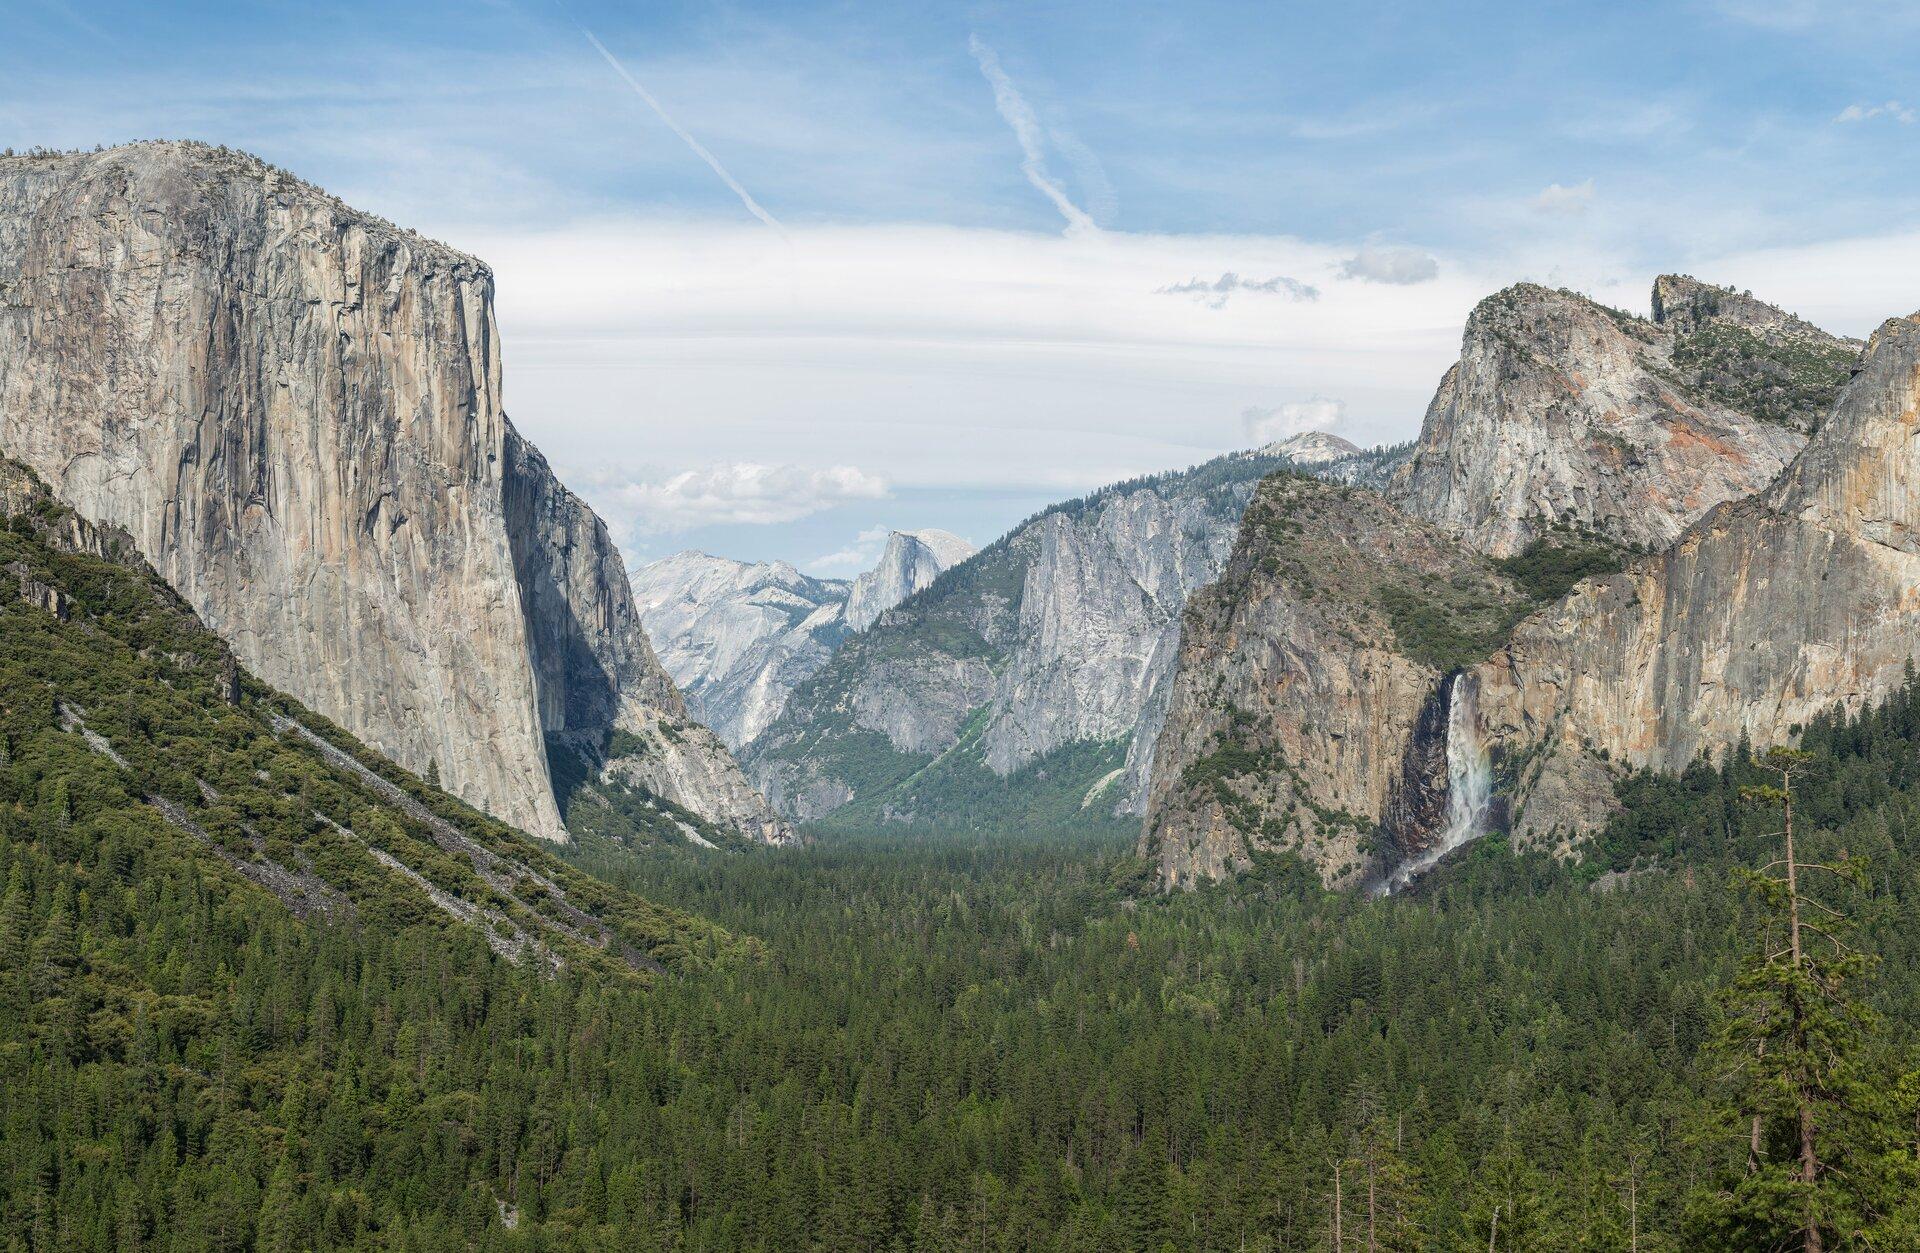 Zdjęcie przedstawia teren górzysty. Na pierwszym planie las iglasty. Po prawej ilewej stronie wysokie skaliste góry obardzo stromych, pionowych stokach. Wśrodku uskok porośnięty lasem iglastym. Woddali wysokie skaliste góry. Niebieskie niebo, białe chmury.